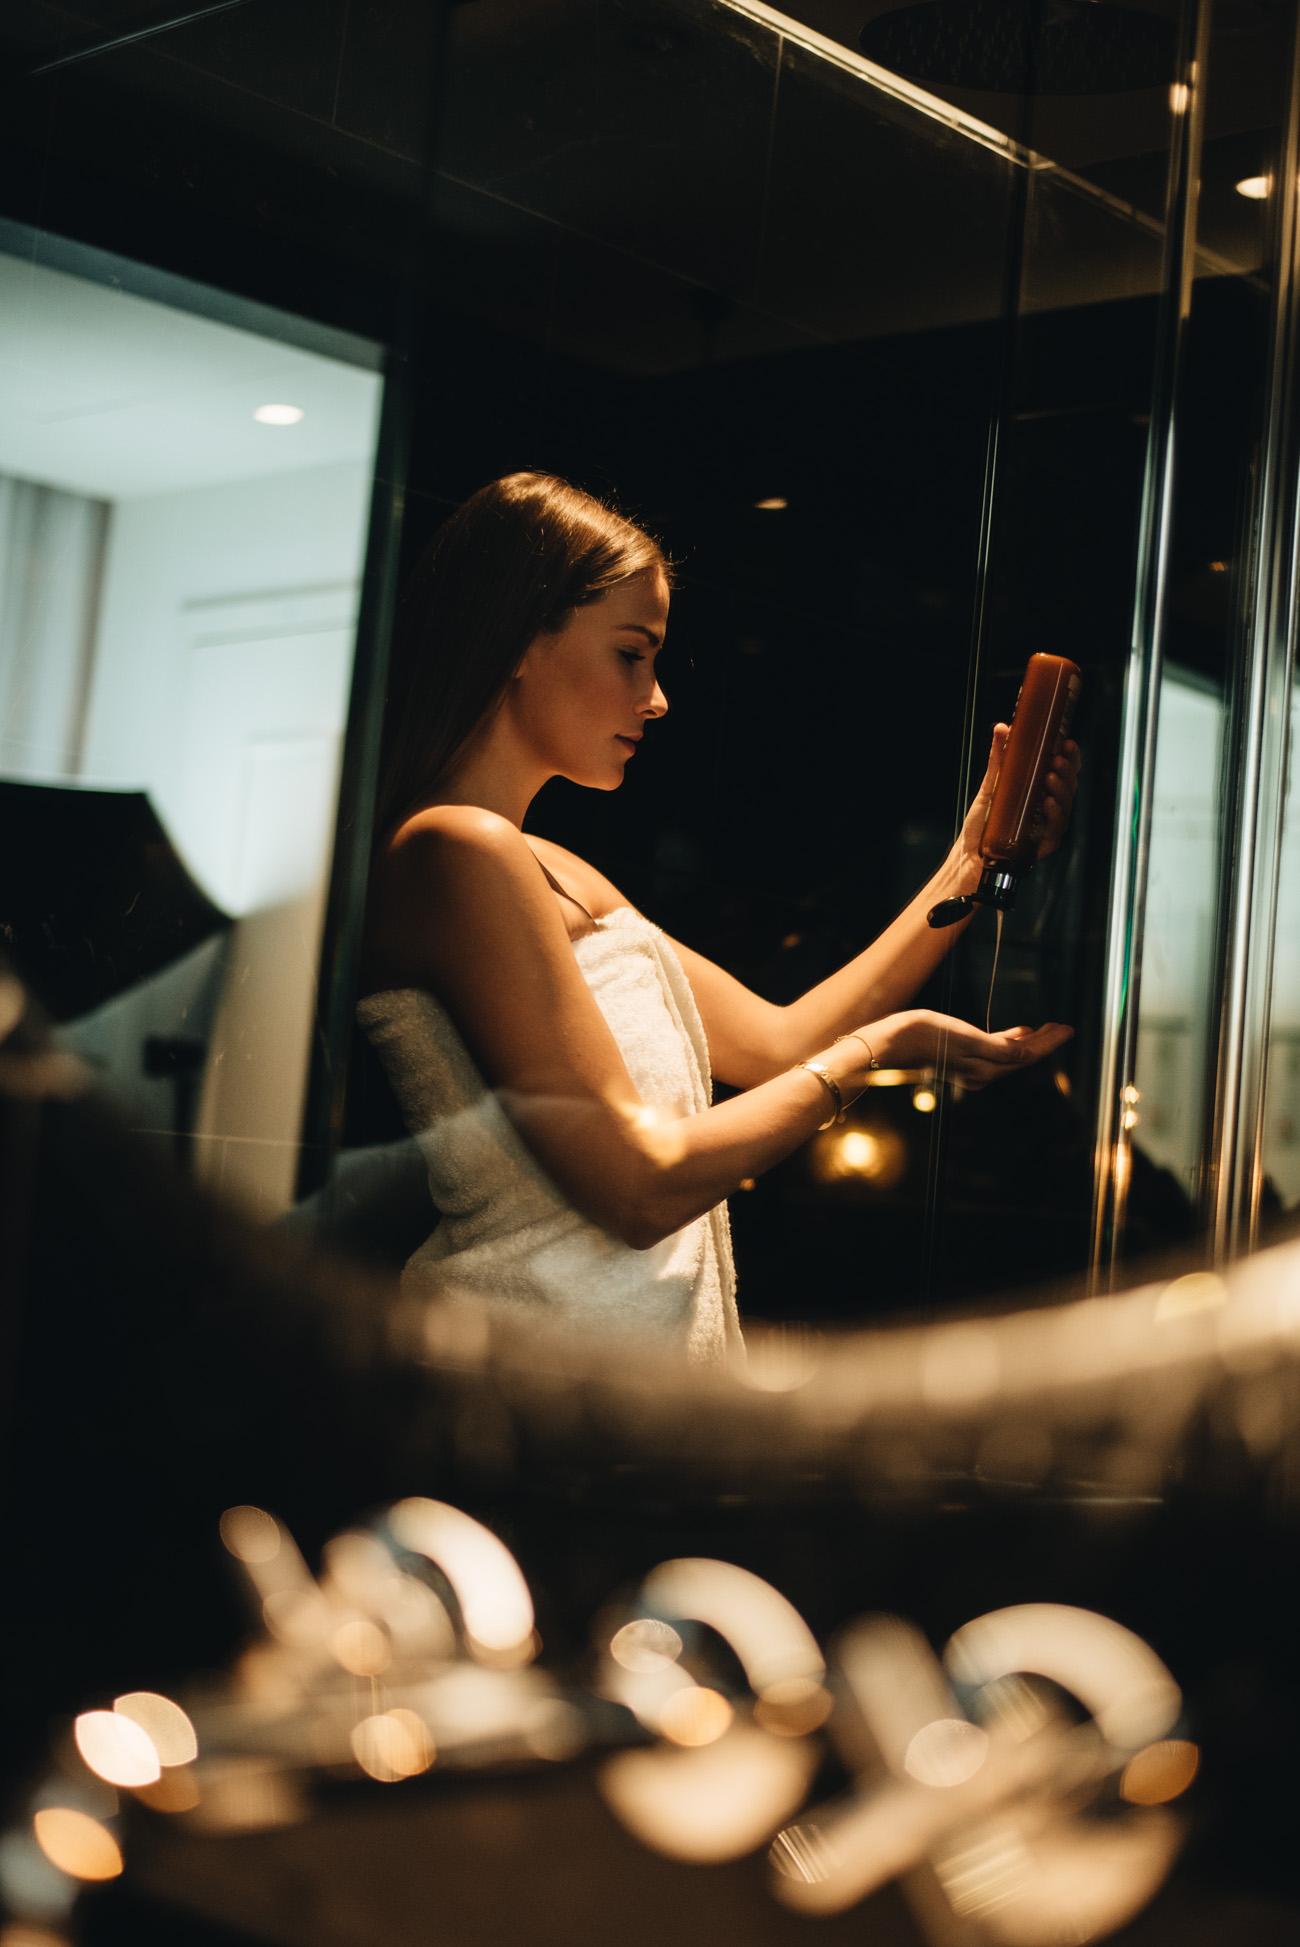 Haarpflege-im-winter-tipps-tricks-pflege-kalte-jahreszeit-winterfestes-haar-beauty-bloggerin-nina-schwichtenberg-fashiioncarpet